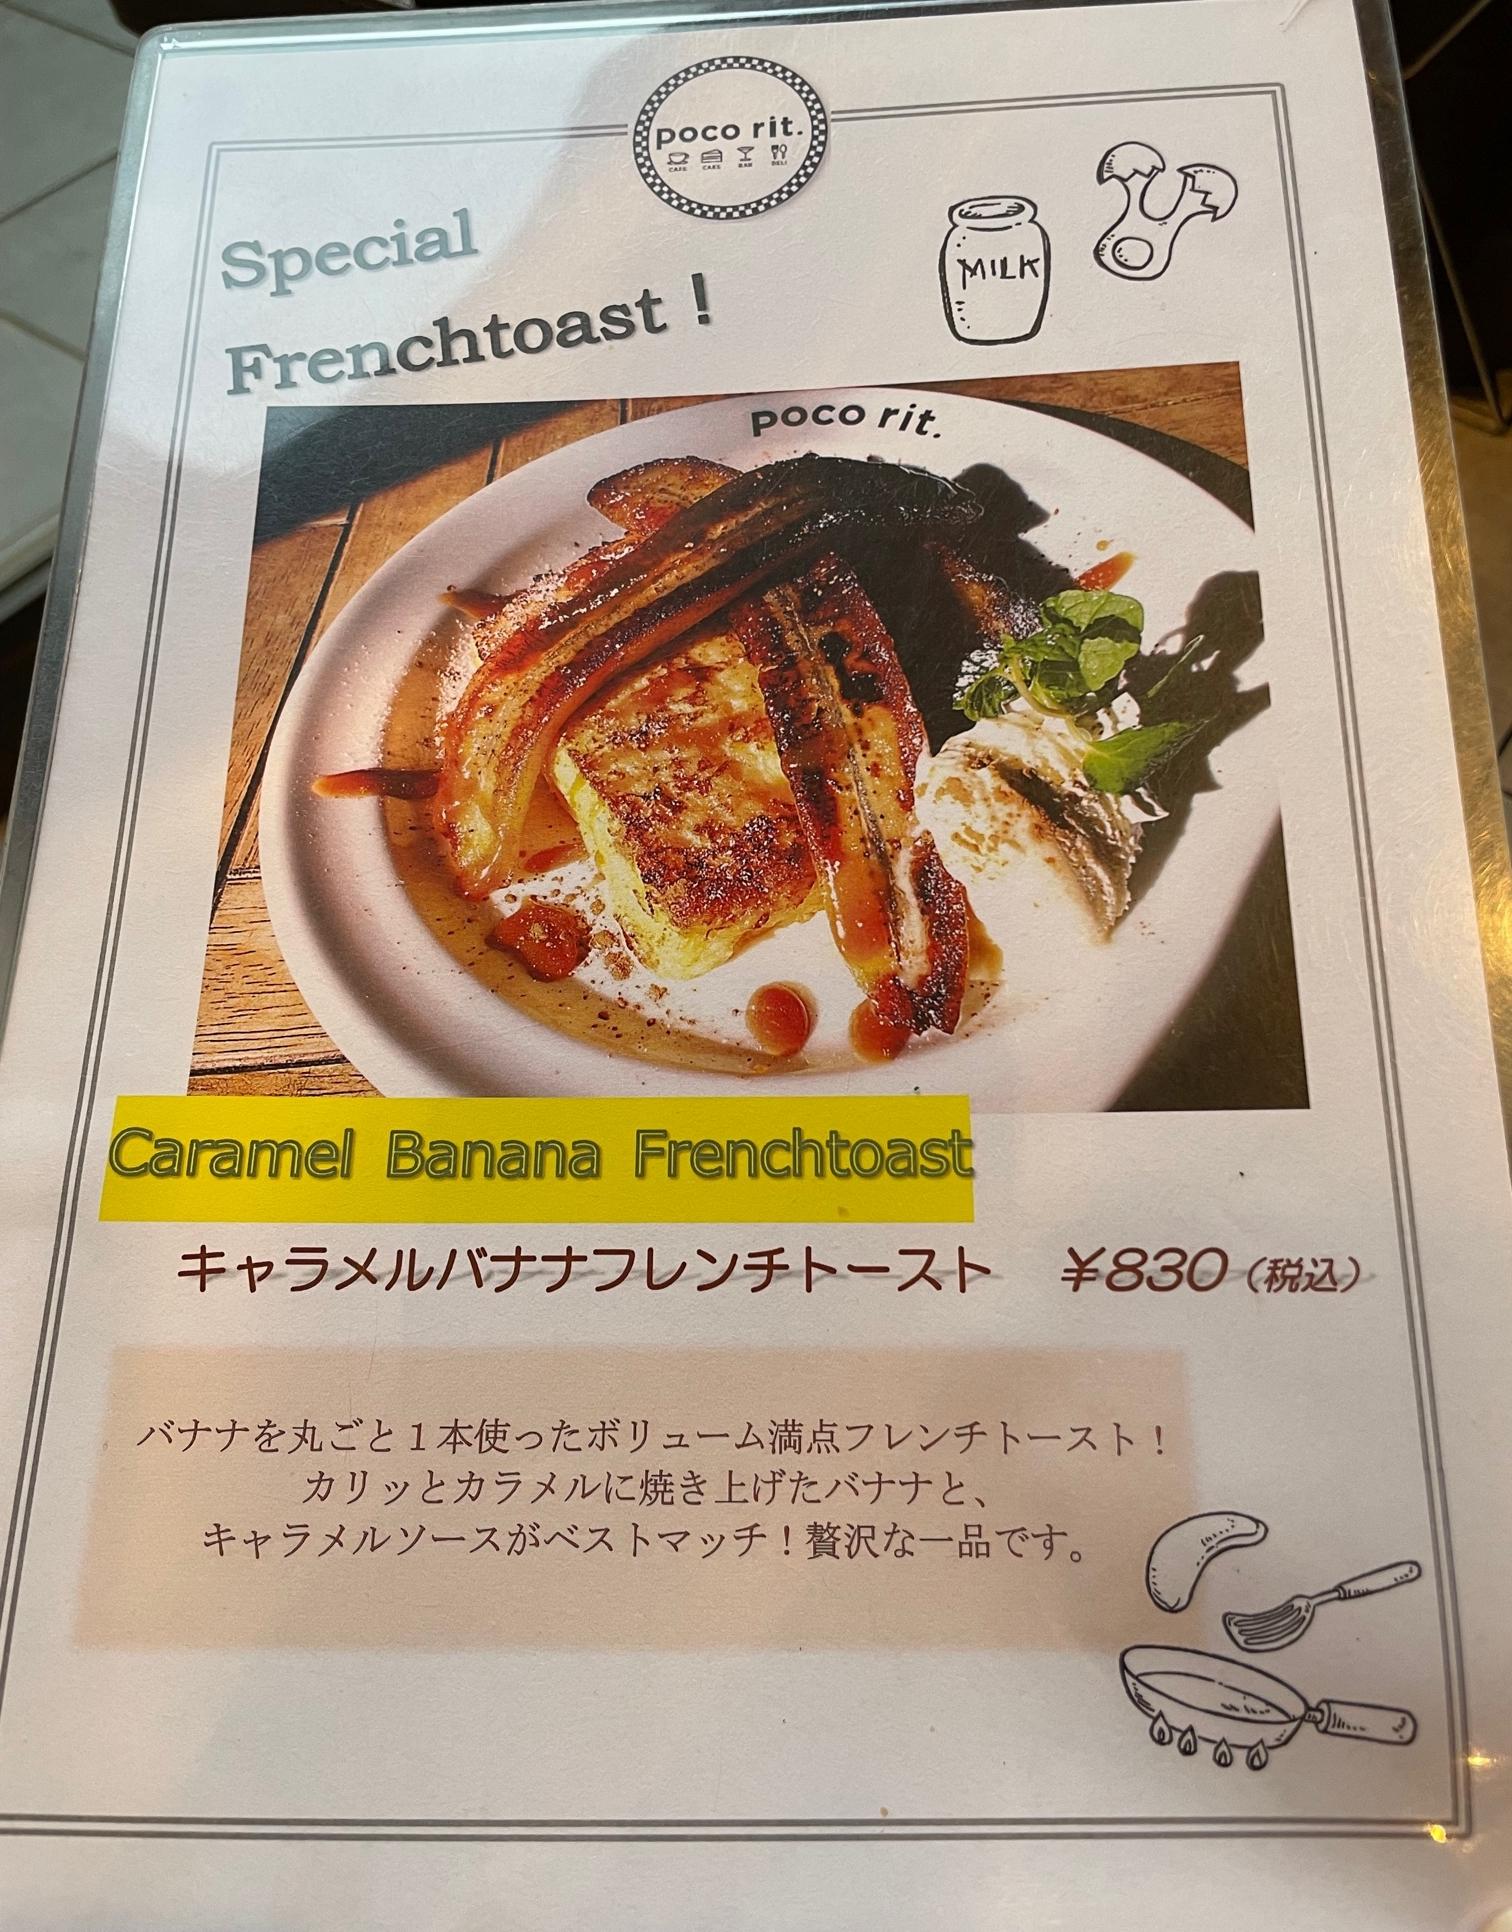 現在のスペシャルフレンチトーストは、キャラメルバナナフレンチトースト(830円)